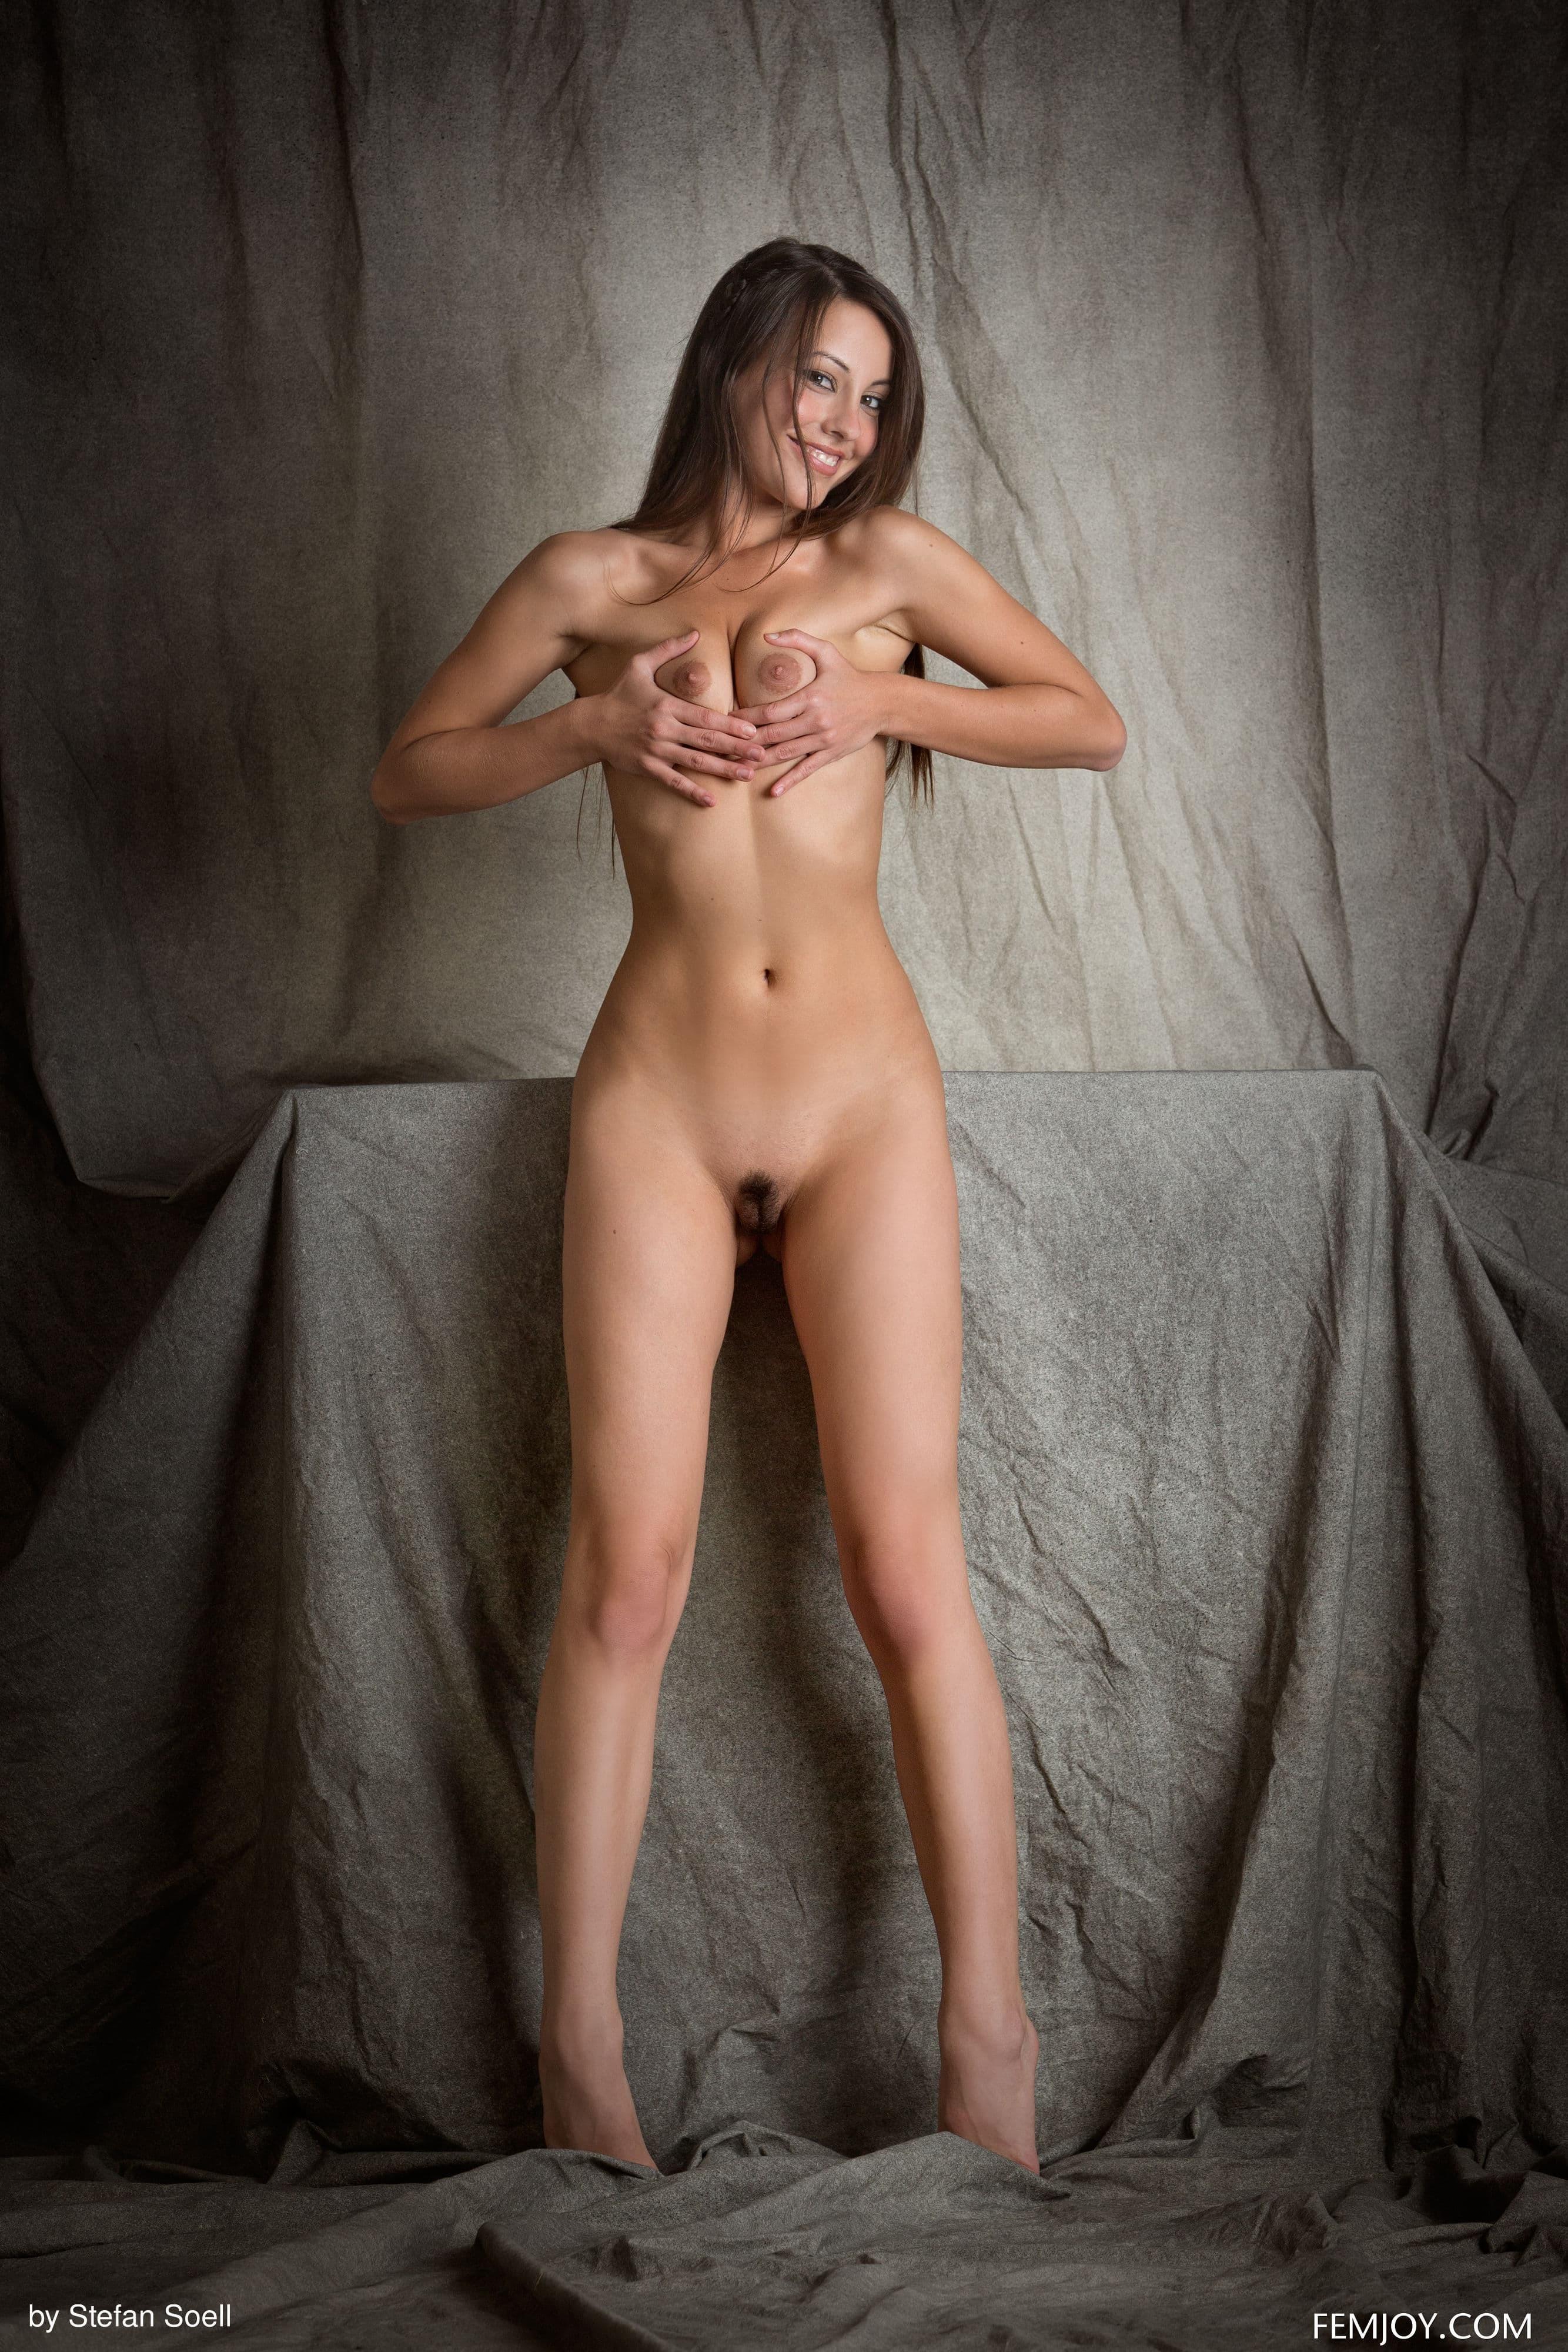 Девушка в переднике с подстриженной писькой - фото